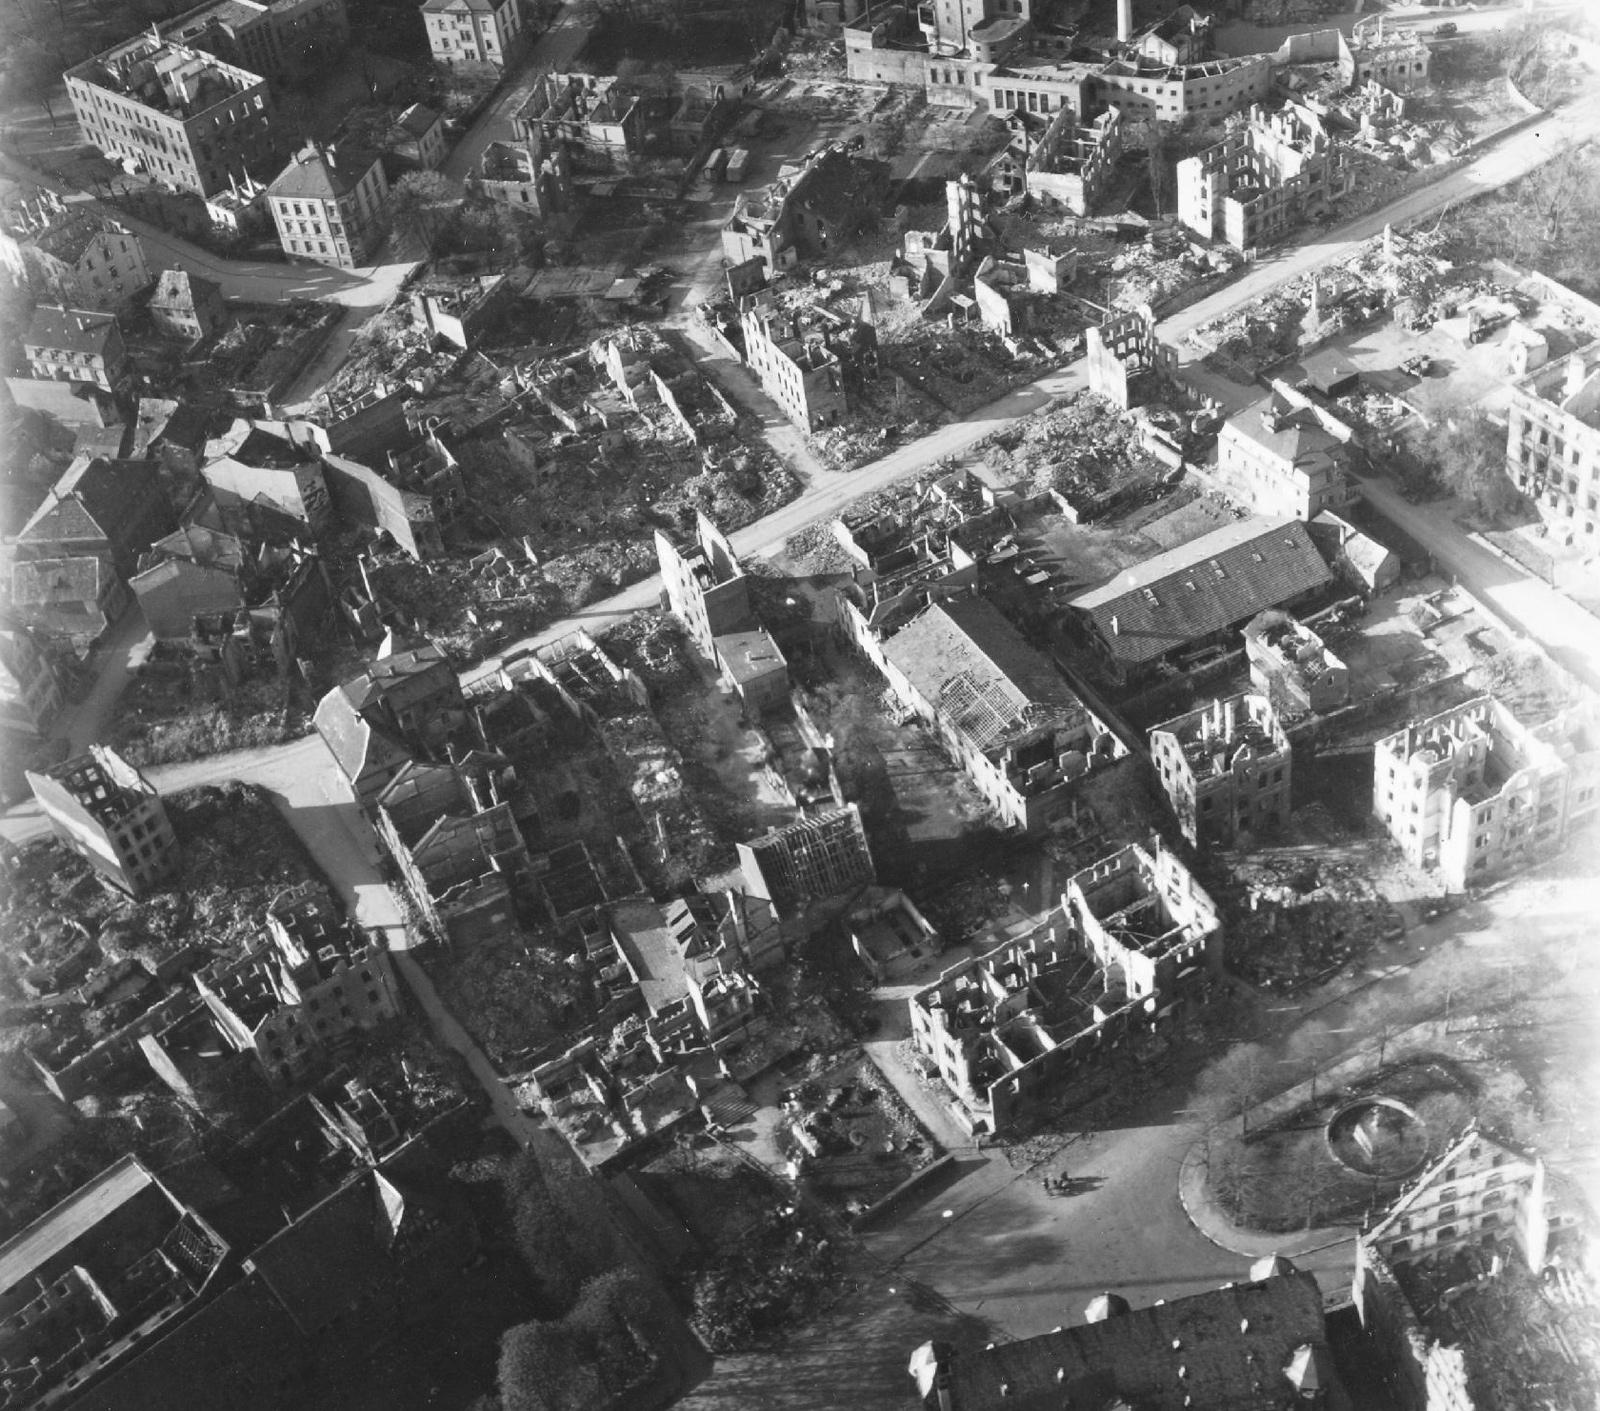 Luftbild von Gießen und seinen Ruinen nach dem Weltkrieg: Landgraf-Philipp-Platz, Brandgasse, Braugasse und Zeughaus im Mai 1945